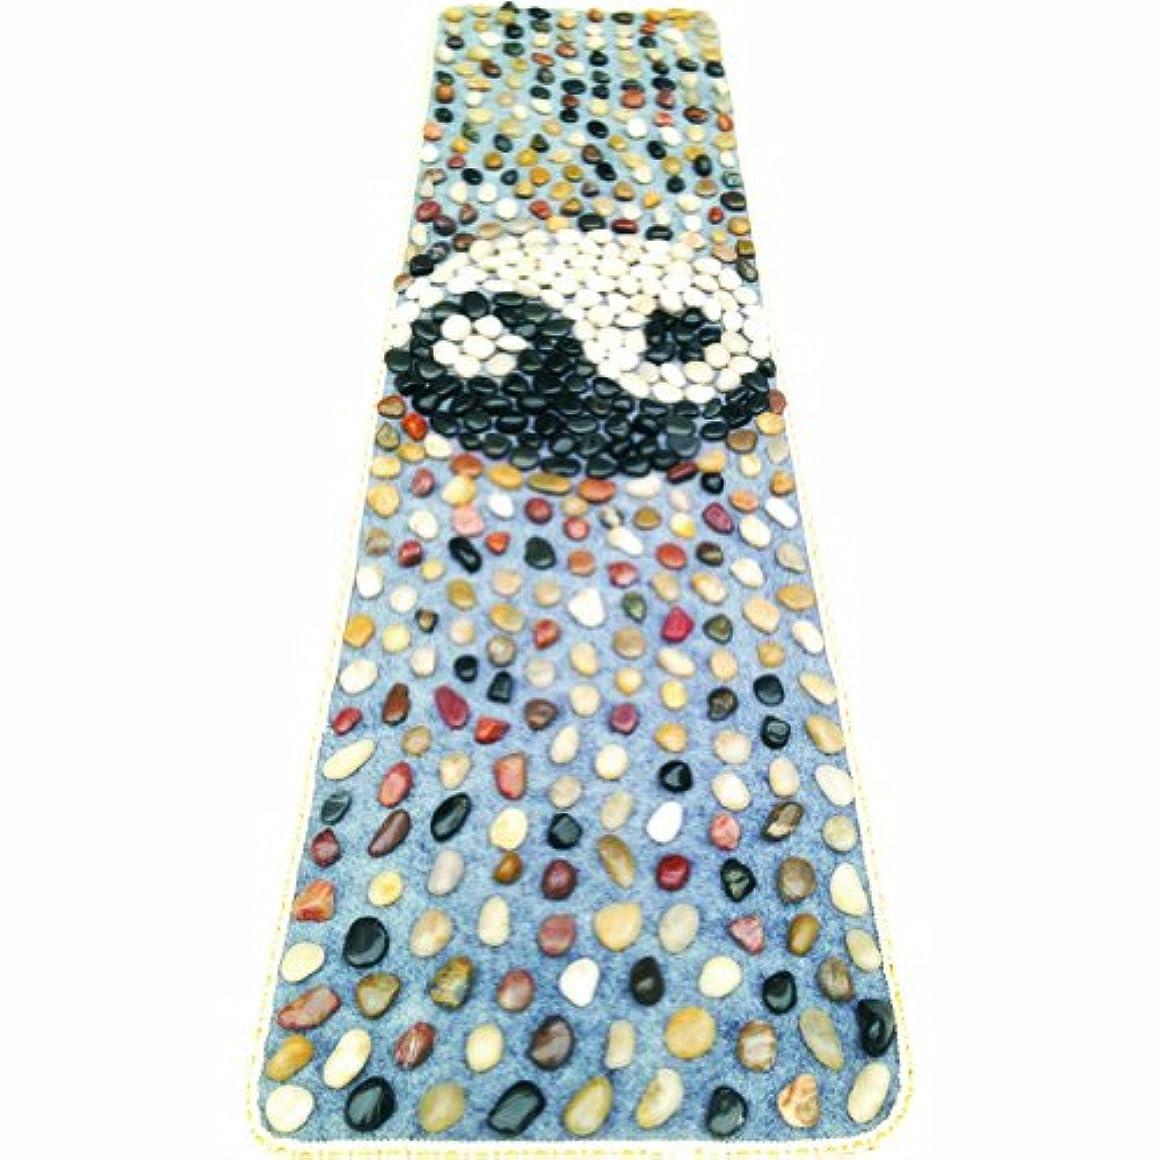 習慣敬意口径フットマッサージマットルームの装飾健康的な歩道父の日母の日誕生日プレゼント(WZ-15)